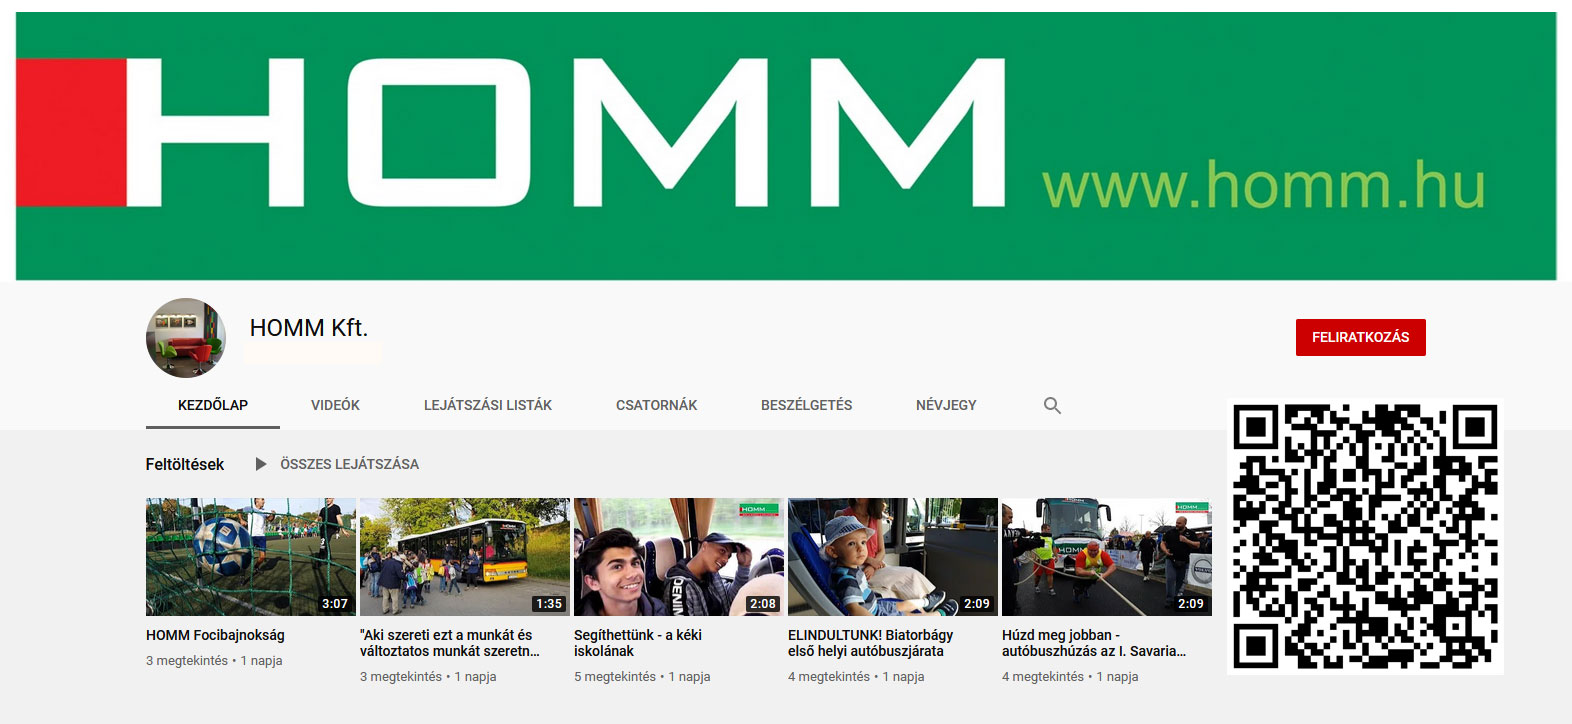 Iratkozz fel a Homm Kft. YouTube csatornájára